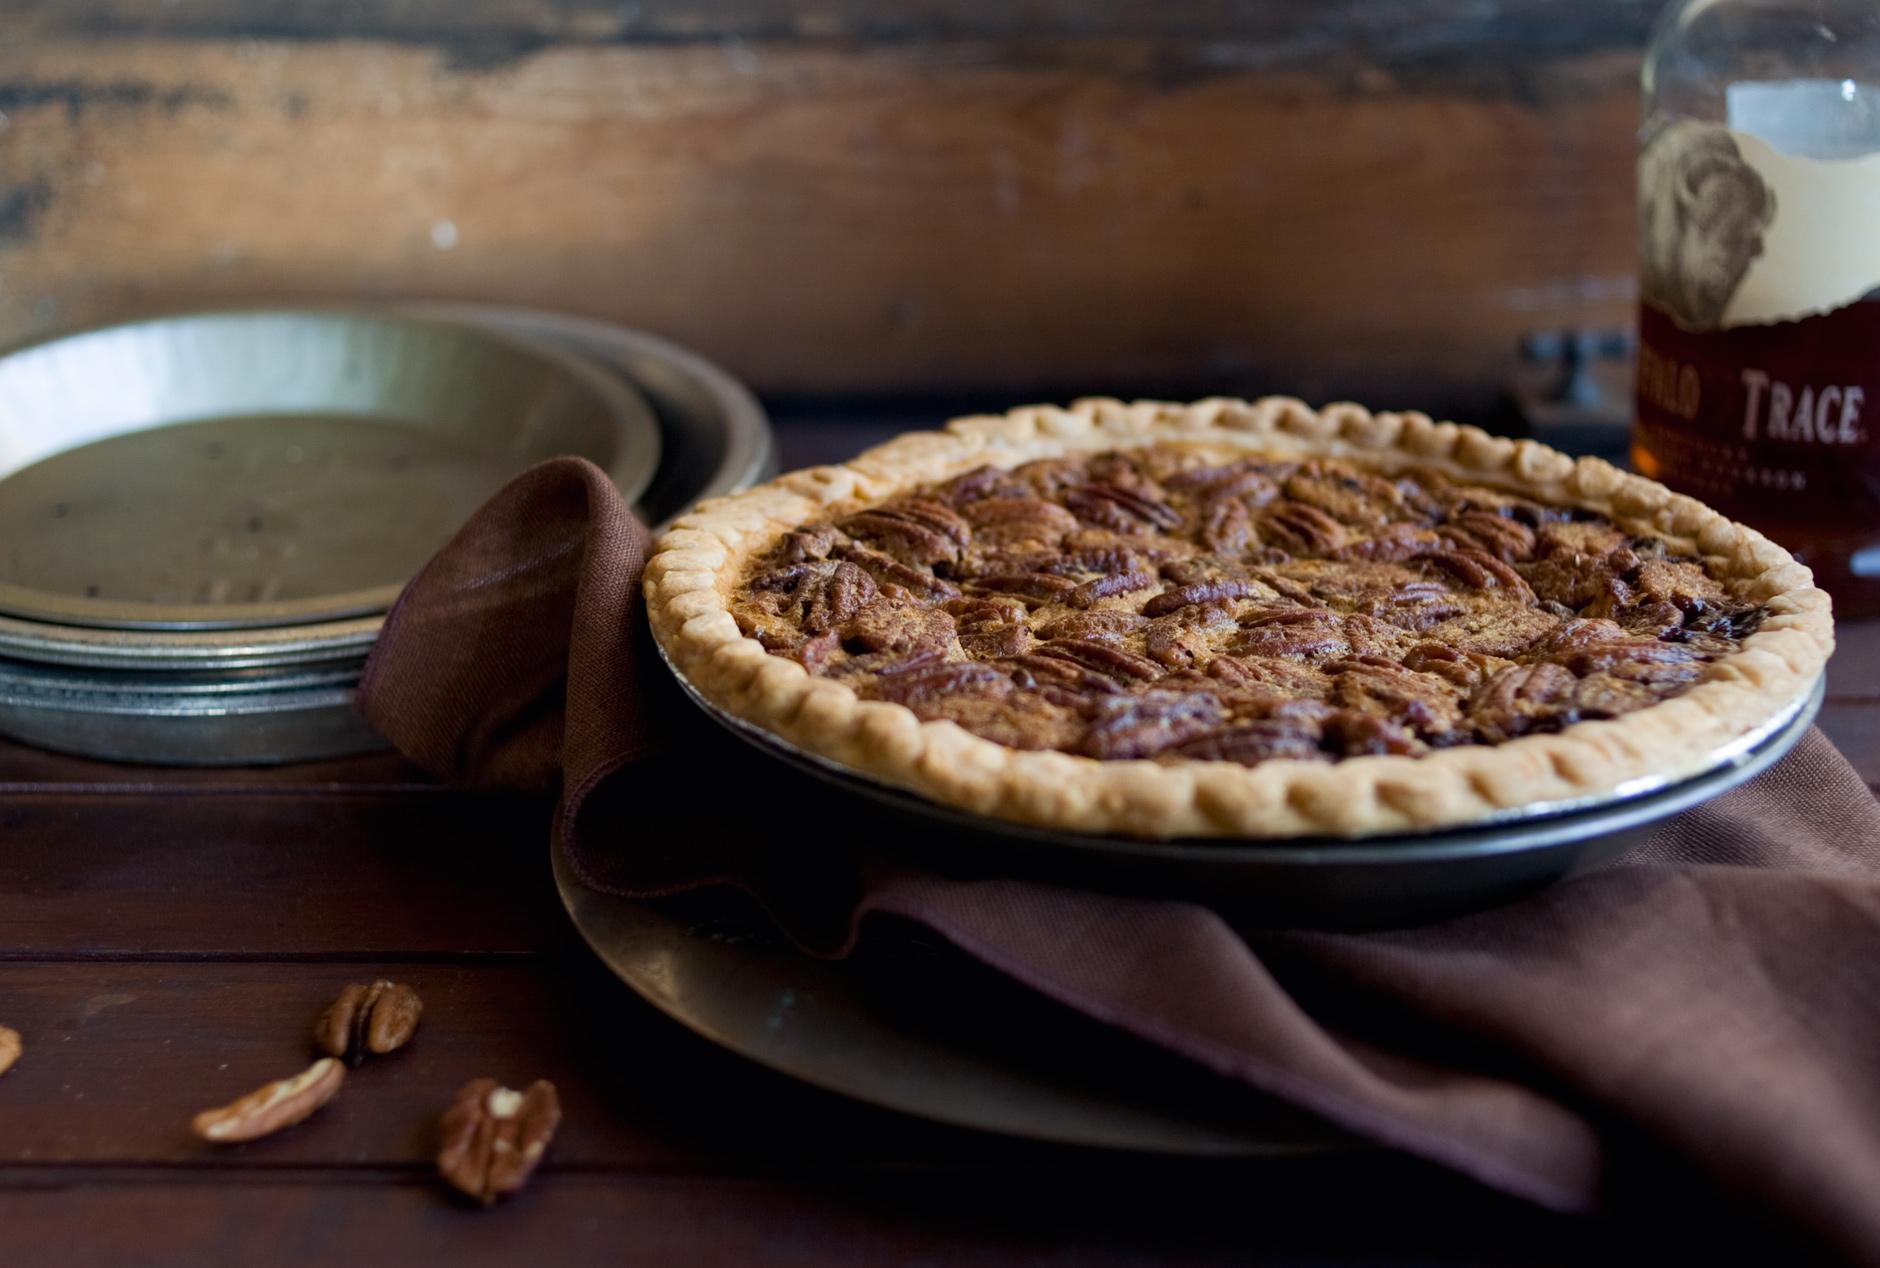 pecan_pie_food_photography_1.jpg